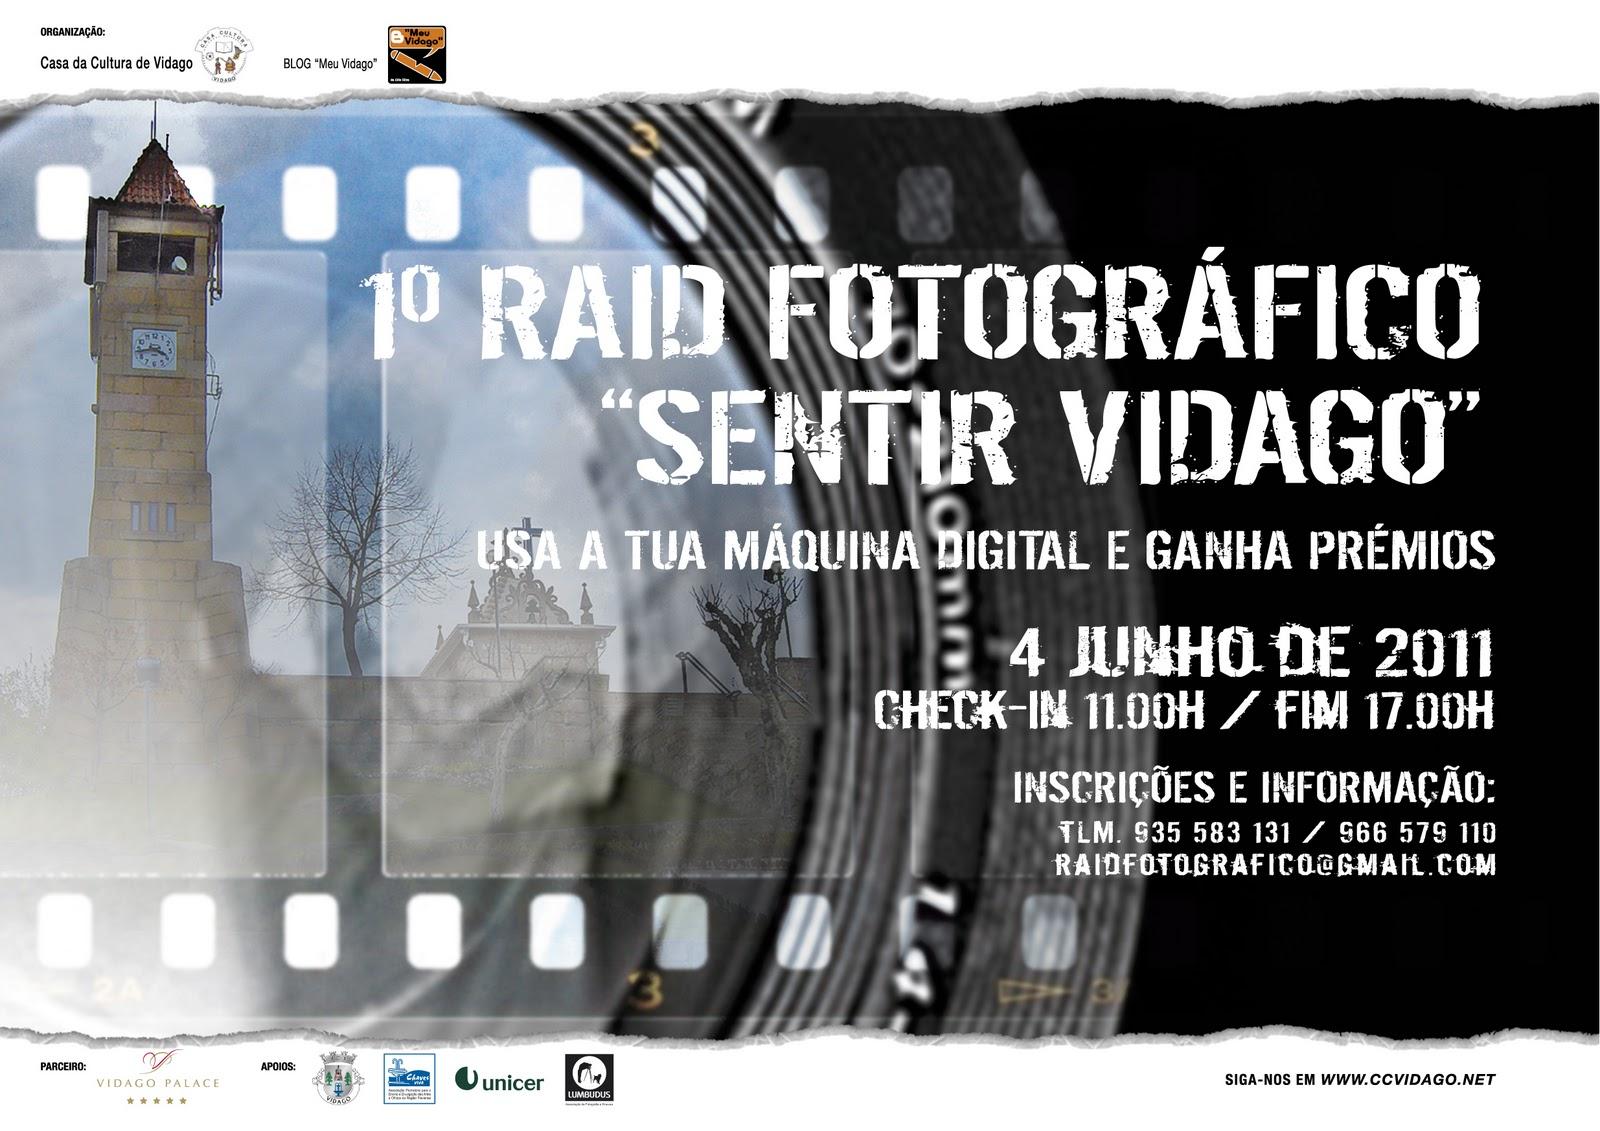 vidago_raid